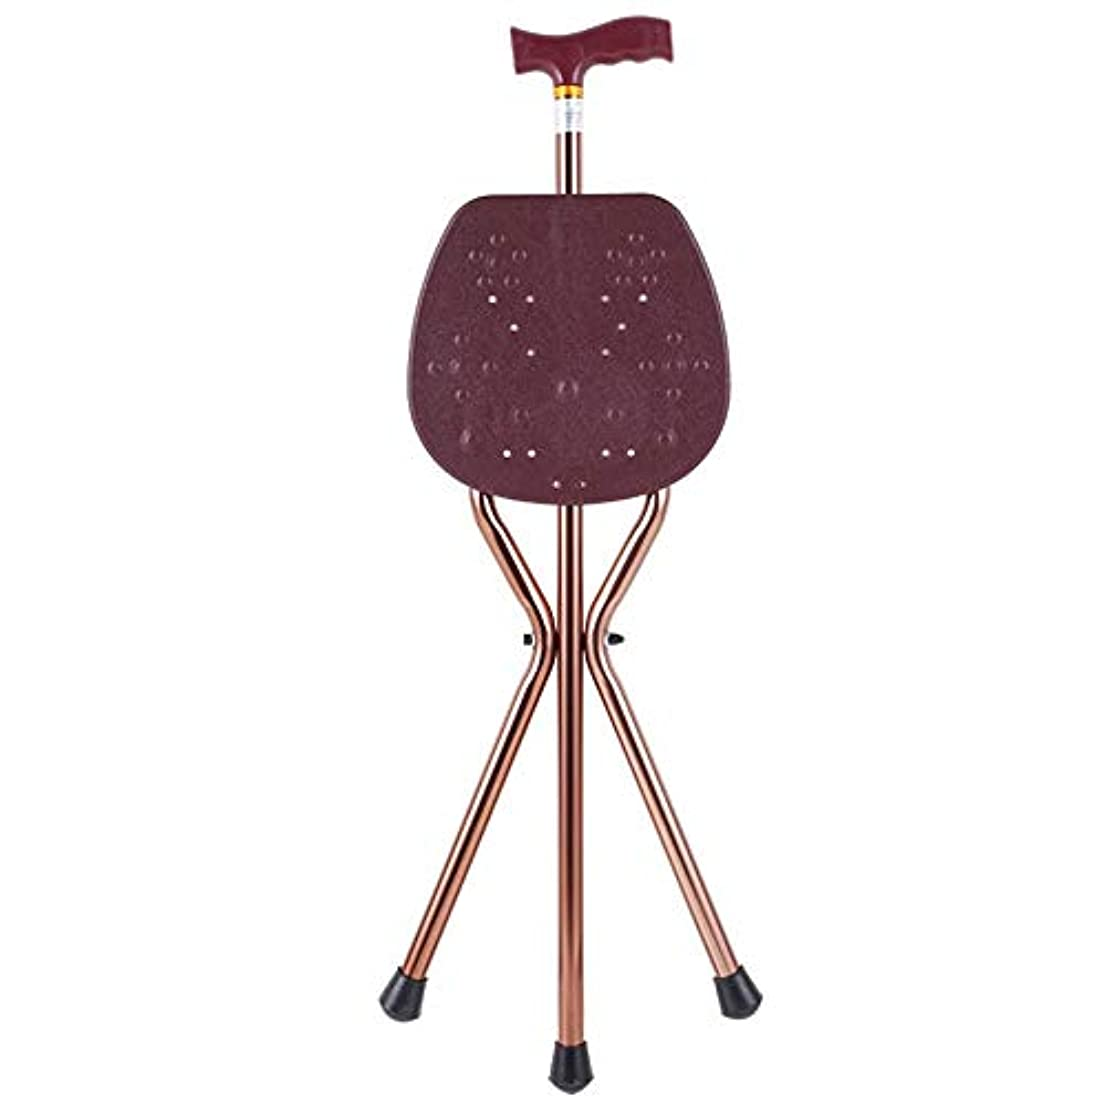 前述の憤る一月アルミ合金古い杖スツールレジャー折りたたみ杖ライトポータブル三角スツール杖椅子